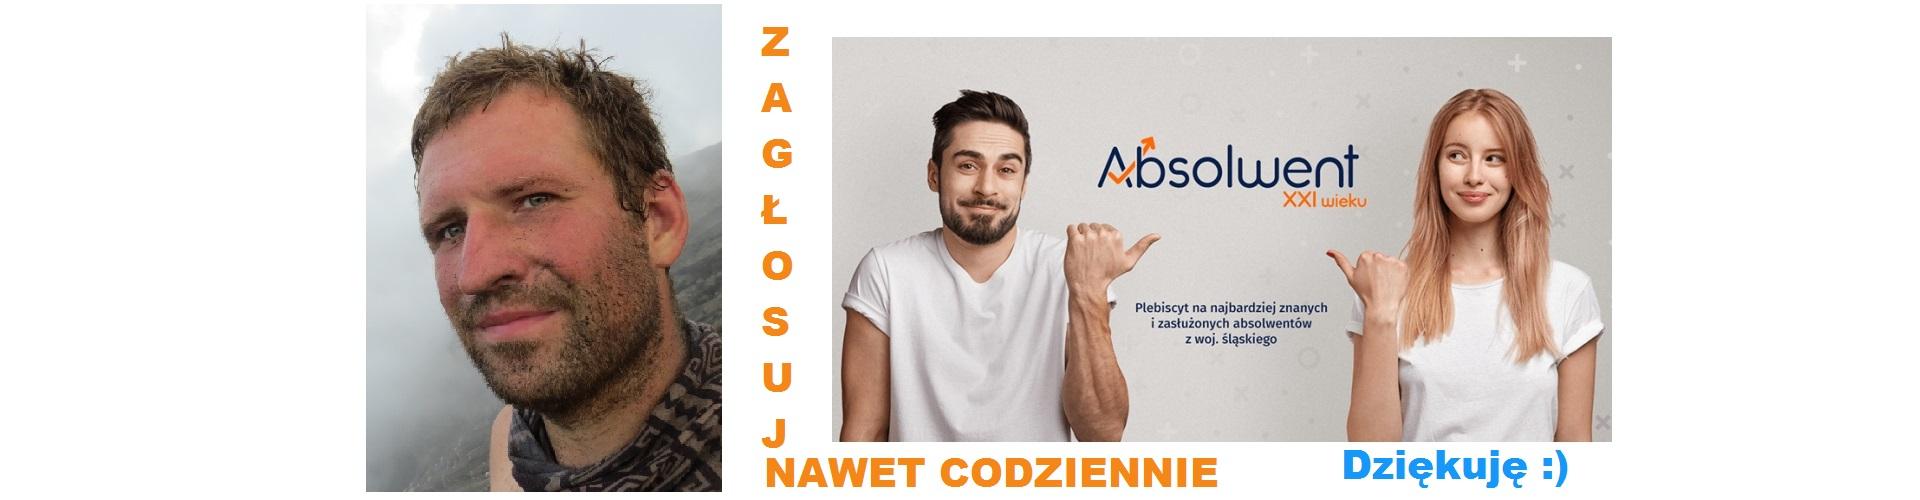 absolwent-XXI-WIEKU-GRZEGORZ-gawlik-3